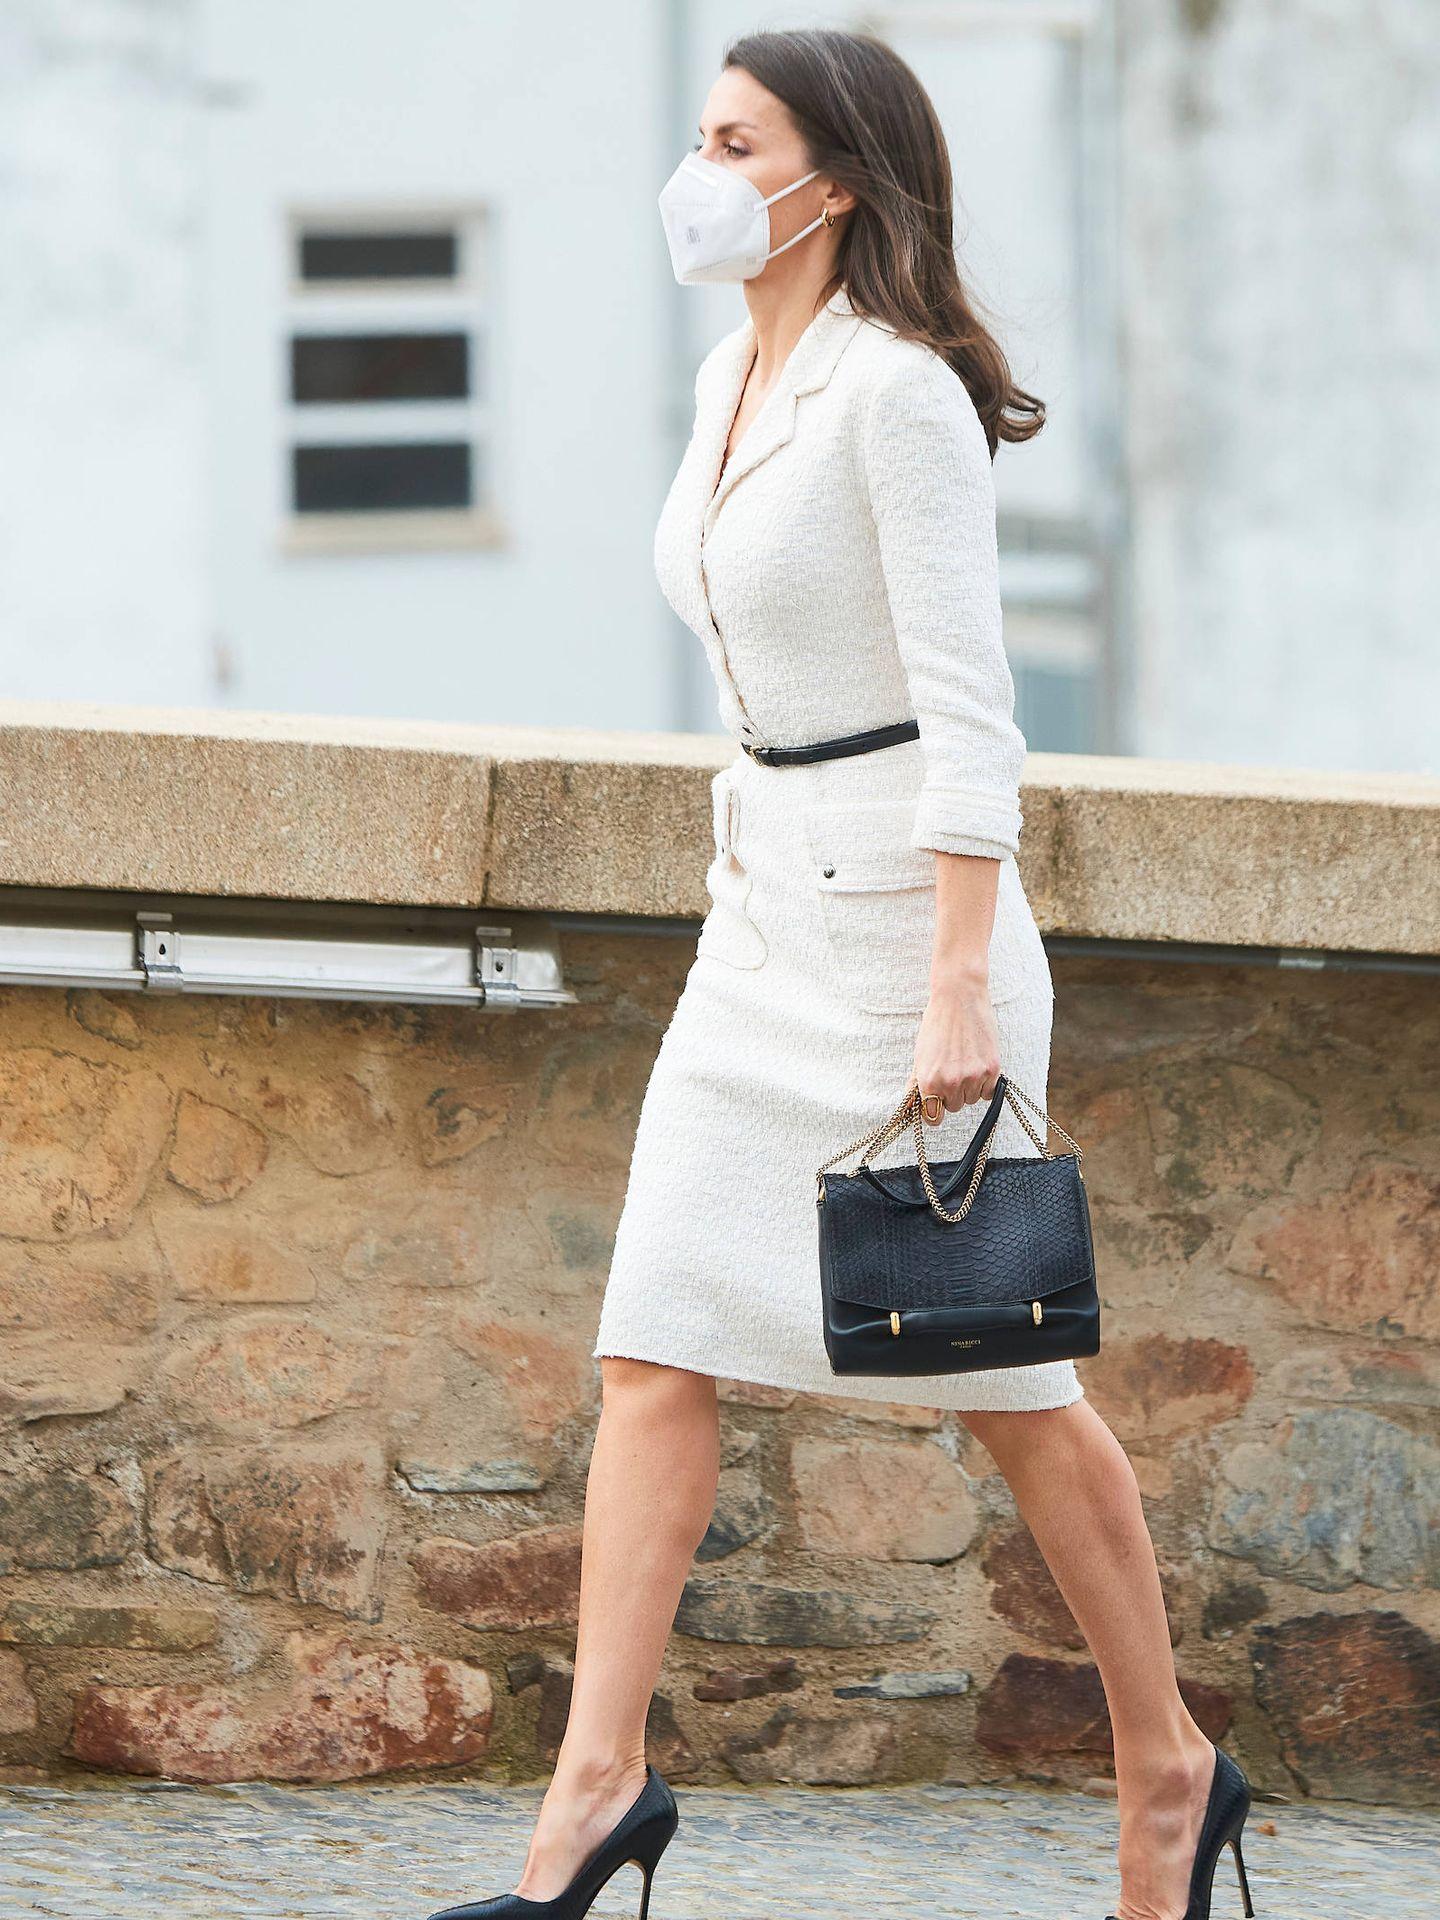 La reina Letizia, en su visita a Cáceres. (LP)